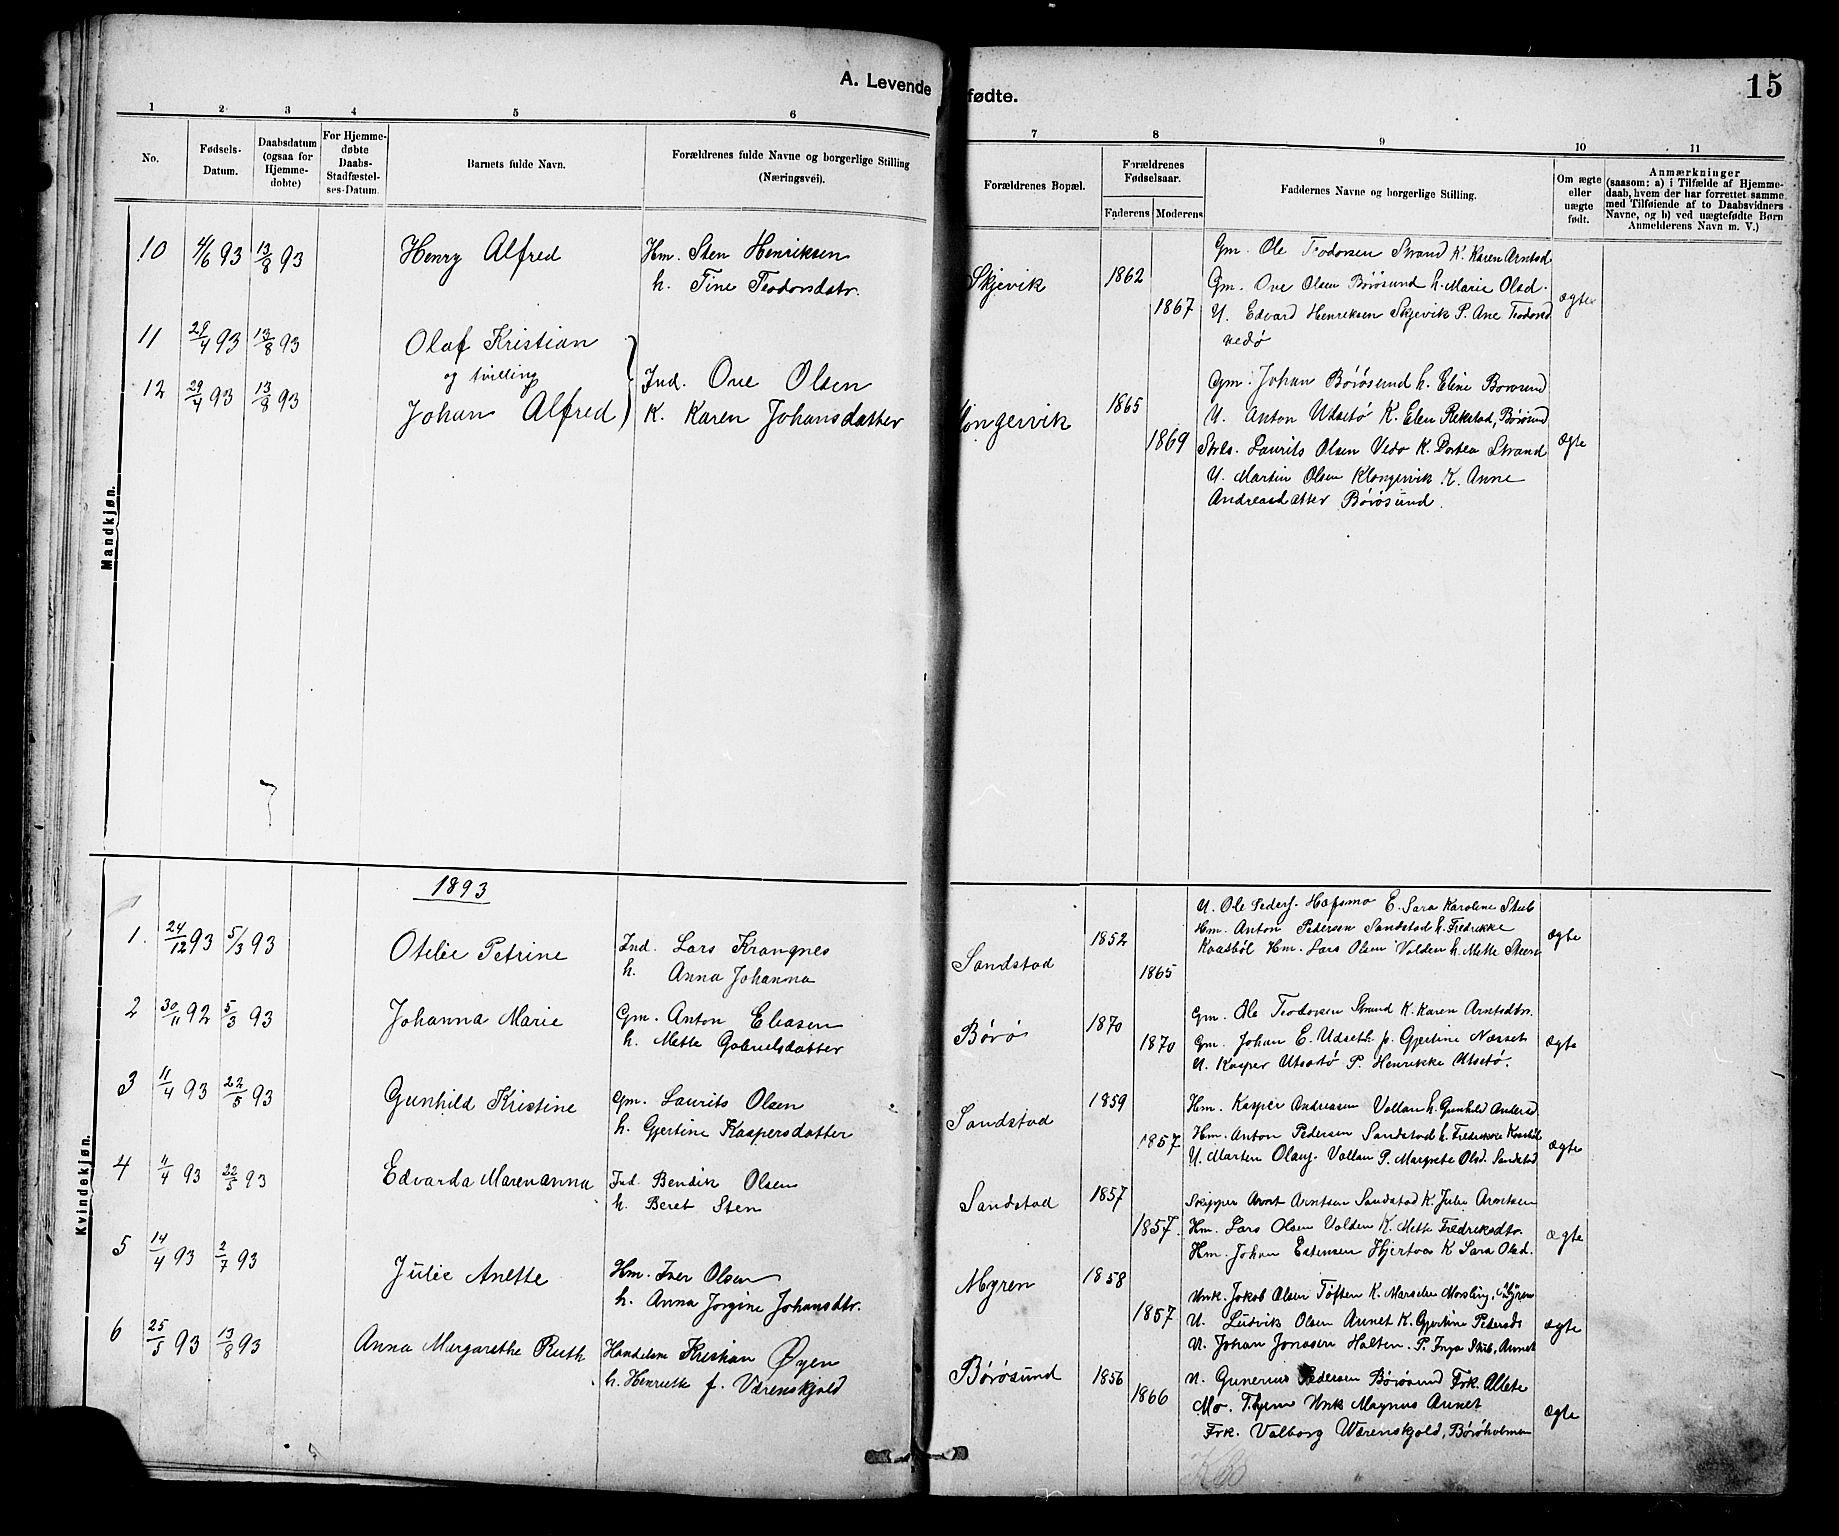 SAT, Ministerialprotokoller, klokkerbøker og fødselsregistre - Sør-Trøndelag, 639/L0573: Klokkerbok nr. 639C01, 1890-1905, s. 15